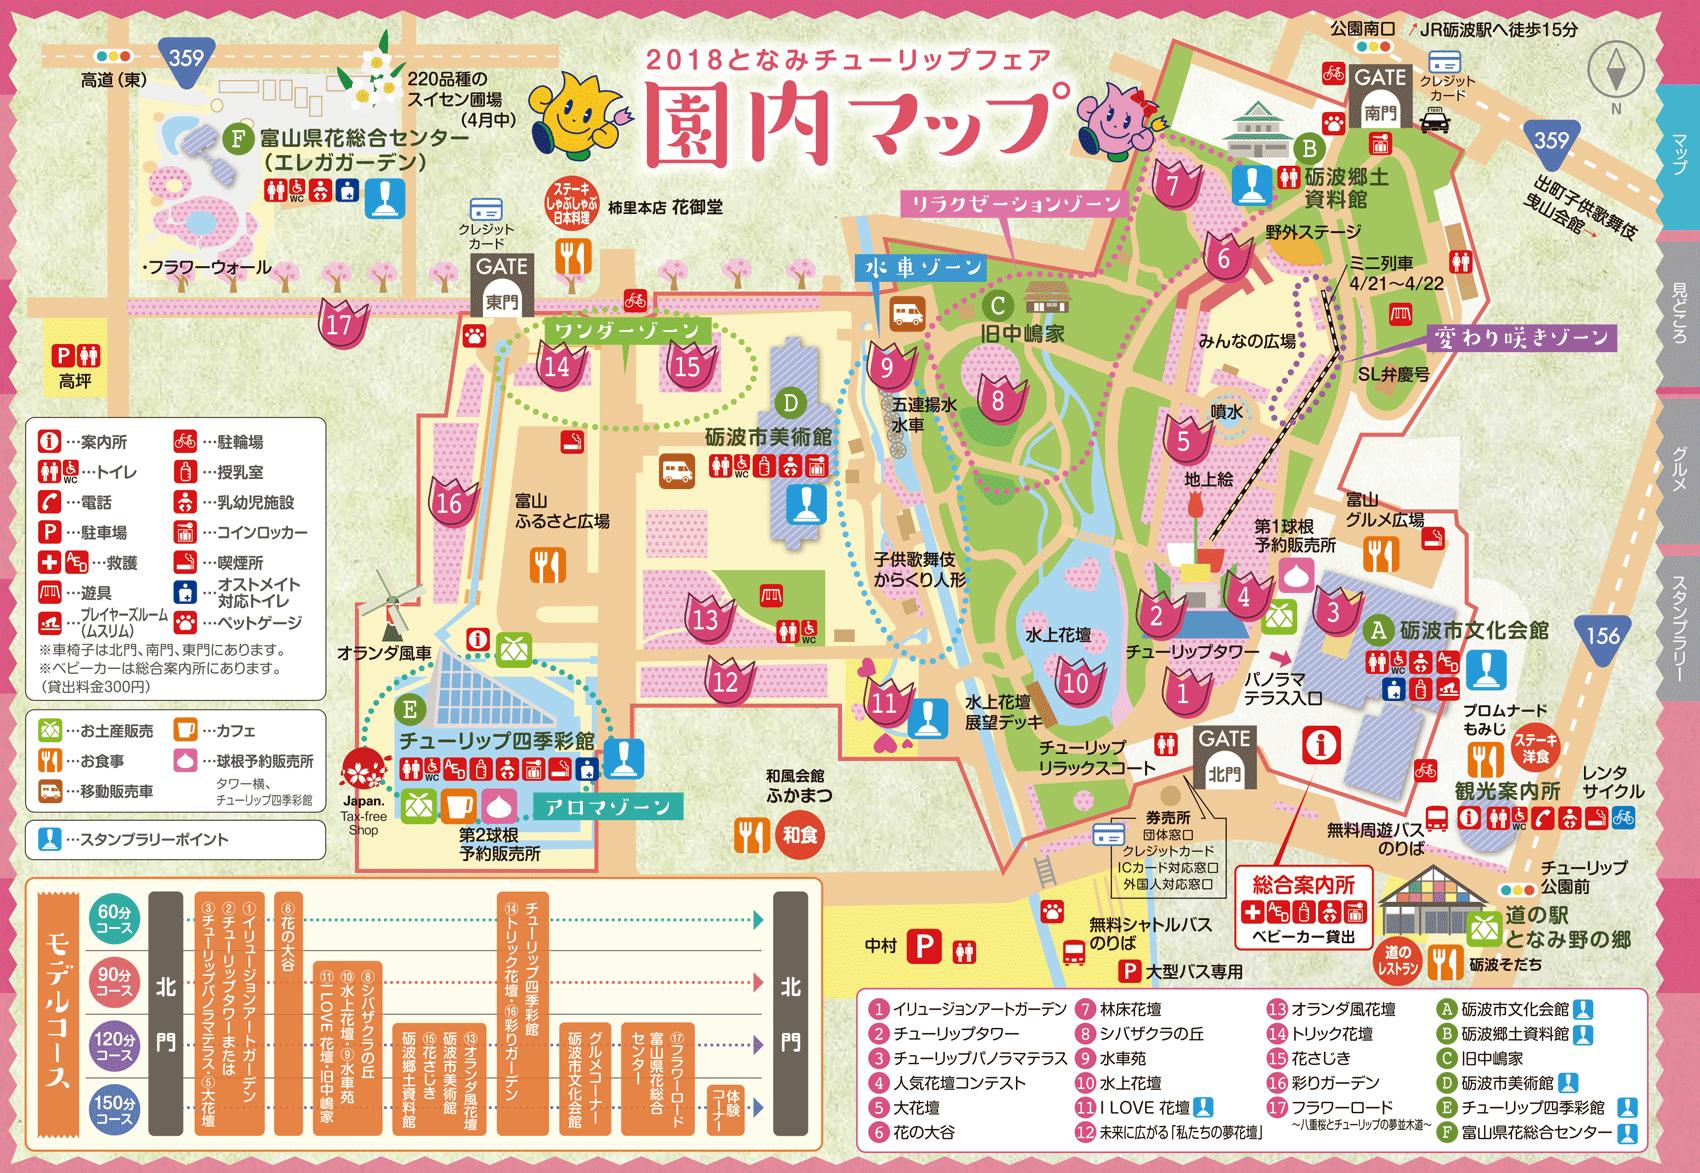 砺波チューリップフェア2018の会場の地図